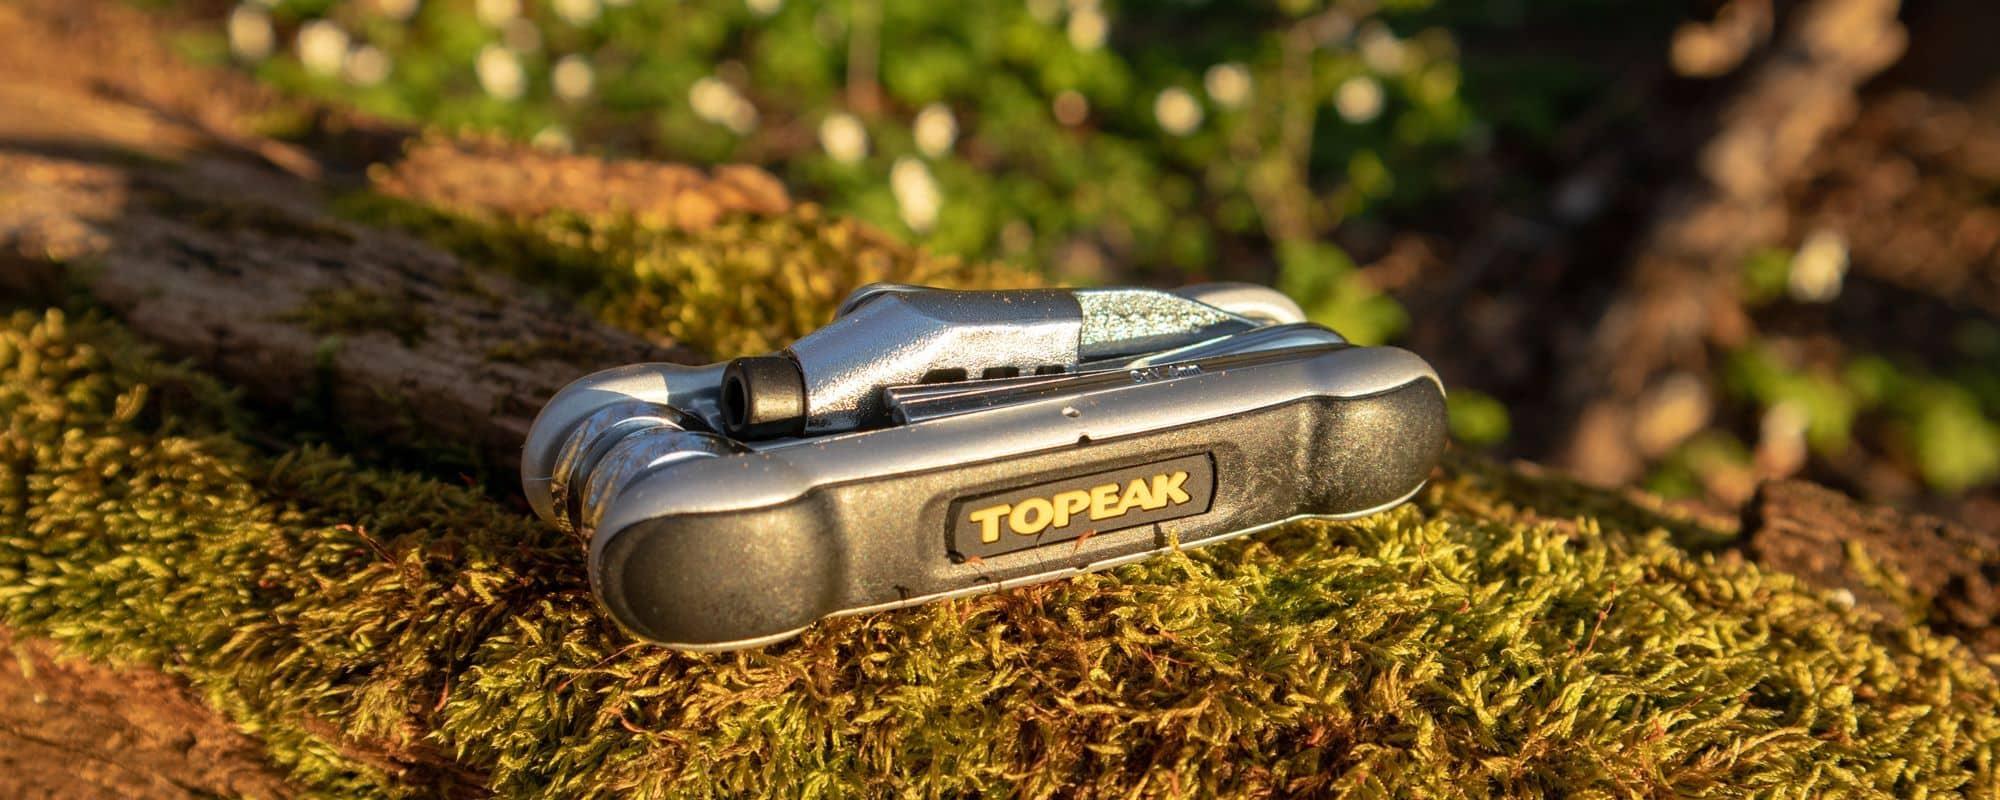 Topeak Hummer 2 Test - was ist gut und schlecht am leichten Multitool?